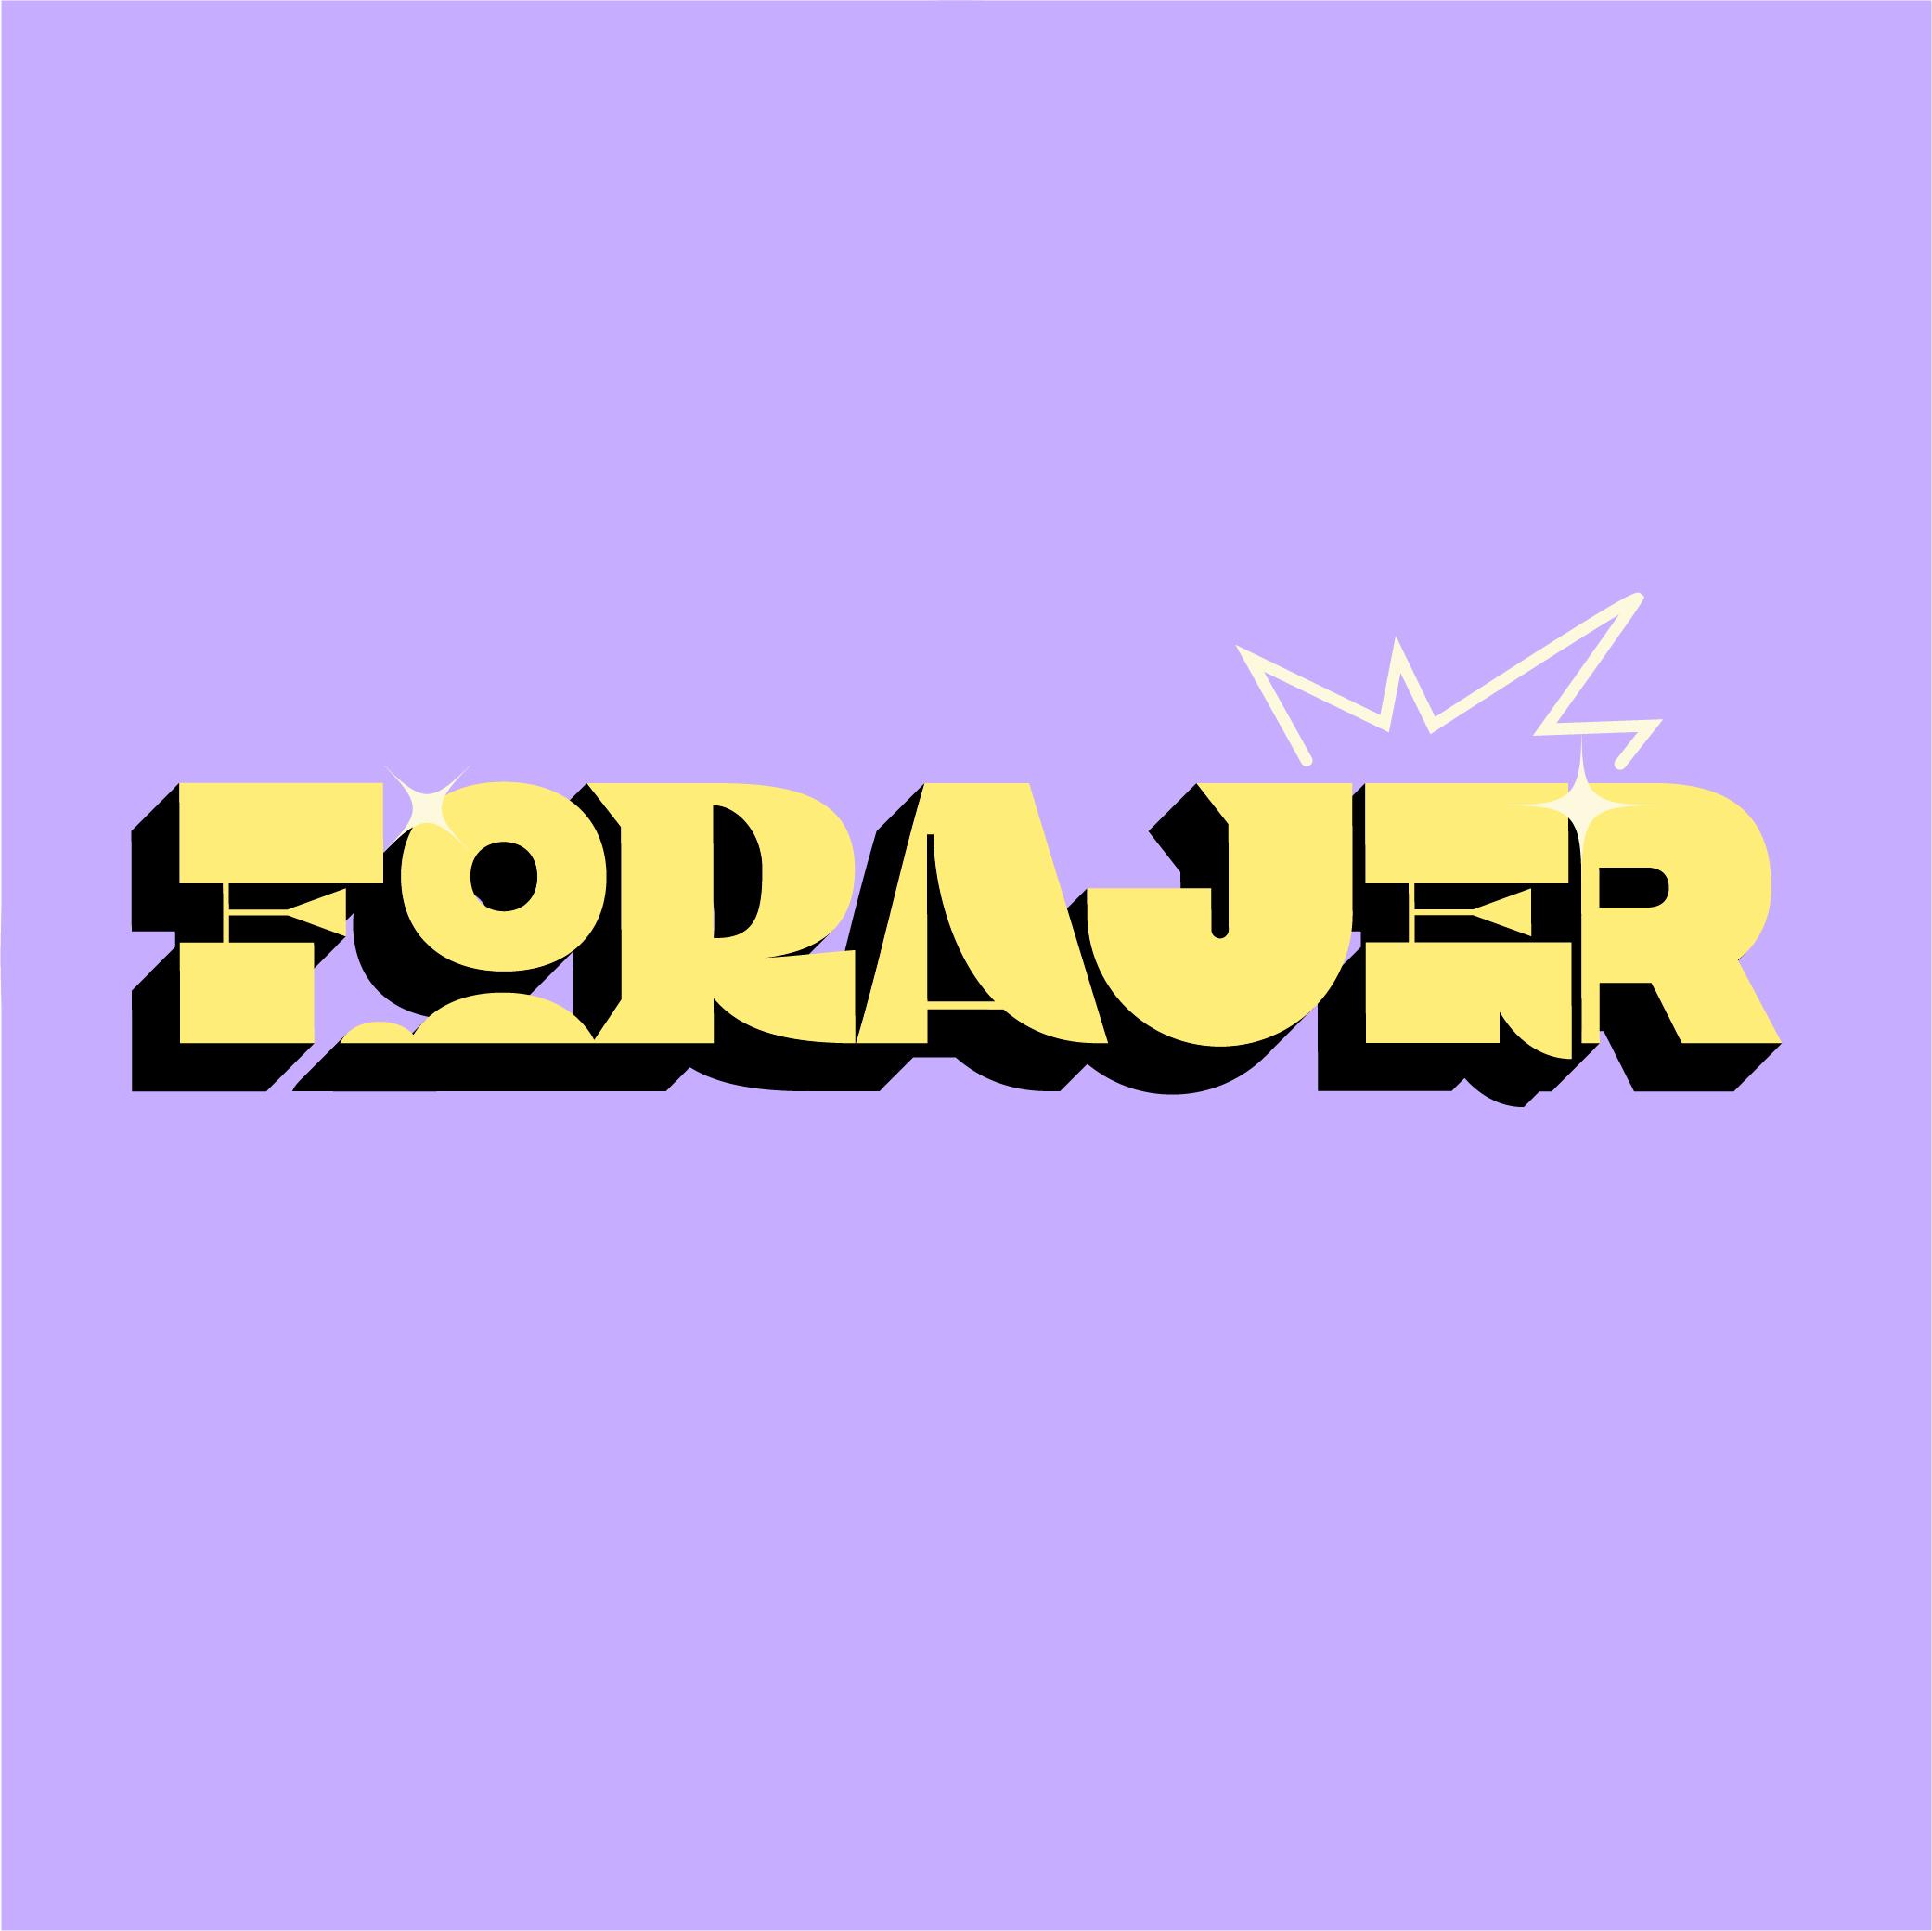 Forajer Goods logo